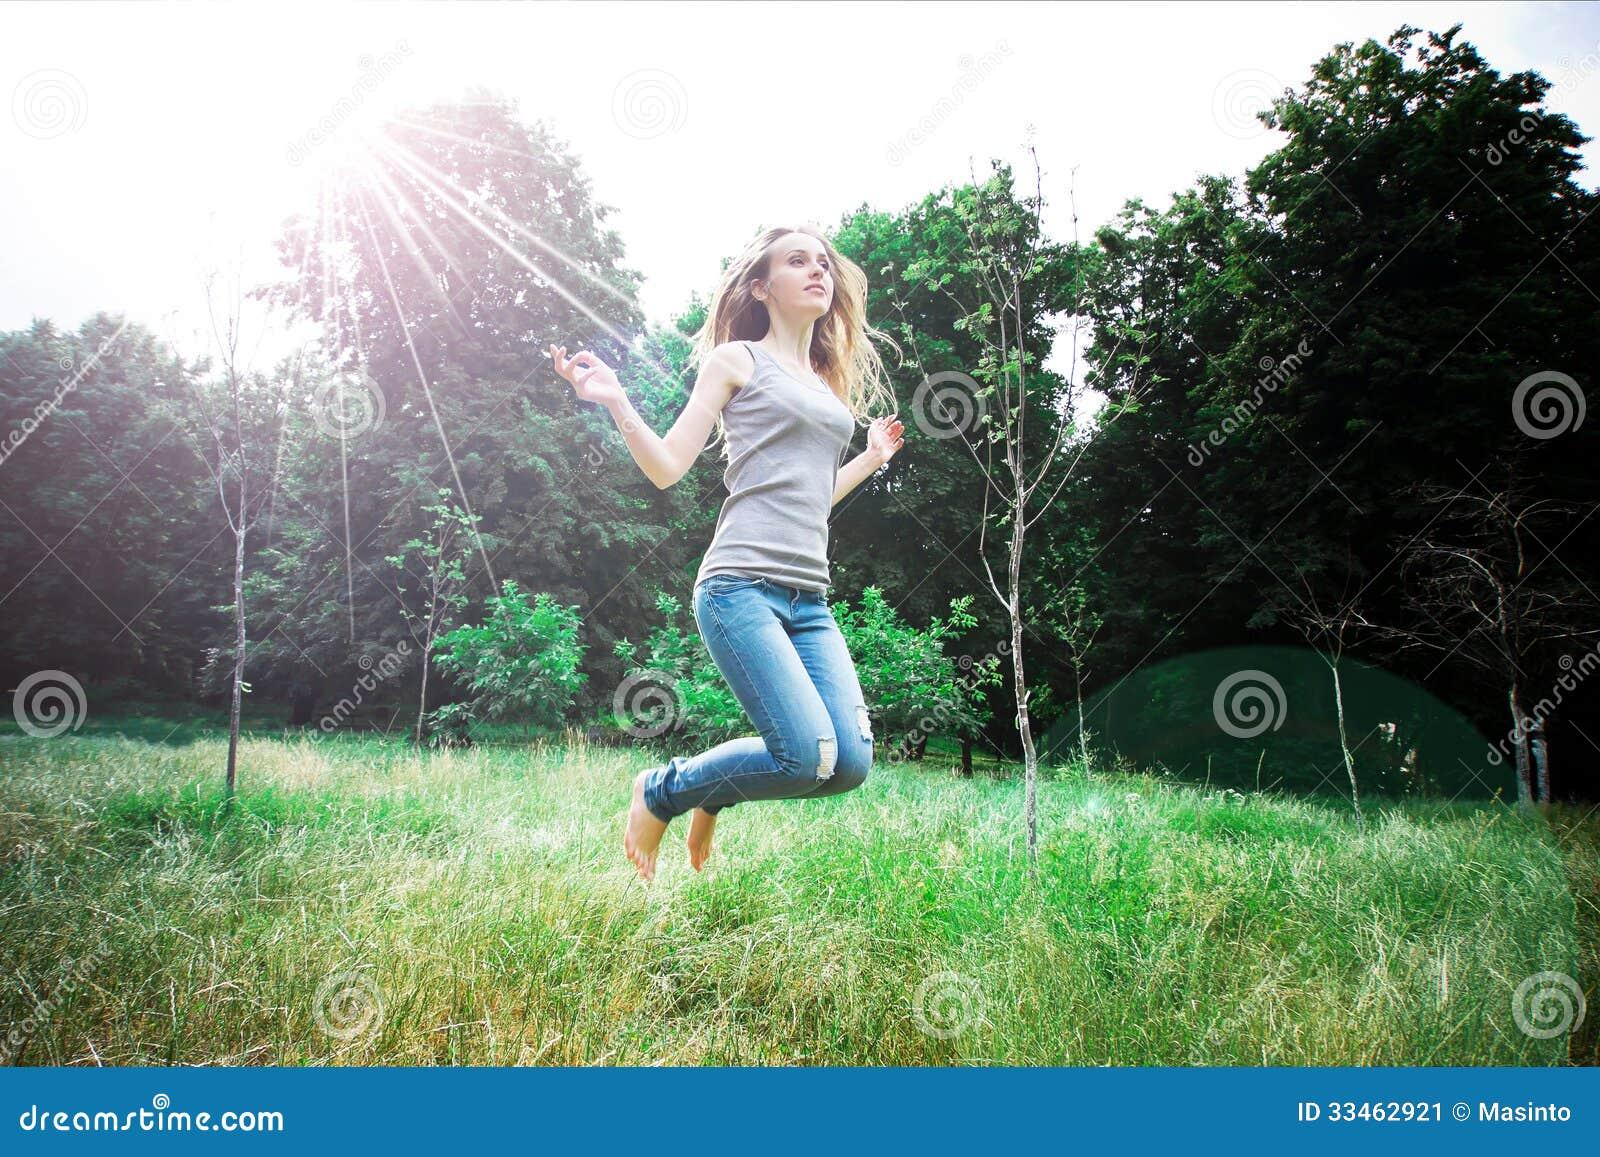 Yong ładna kobieta skacze